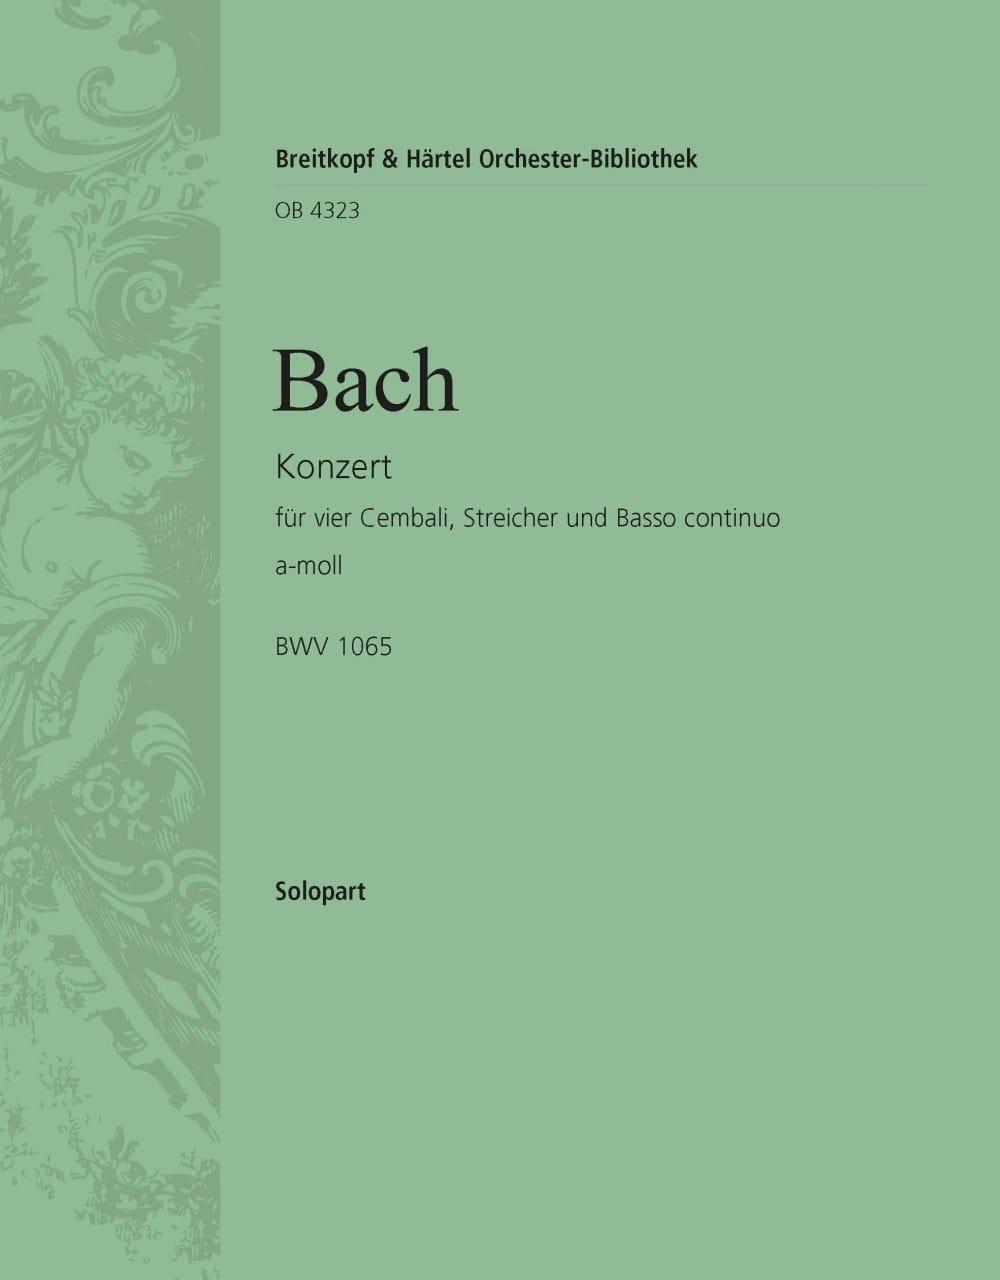 Concerto Pour 4 Claviers BWV 1065. Clavier 4 - BACH - laflutedepan.com